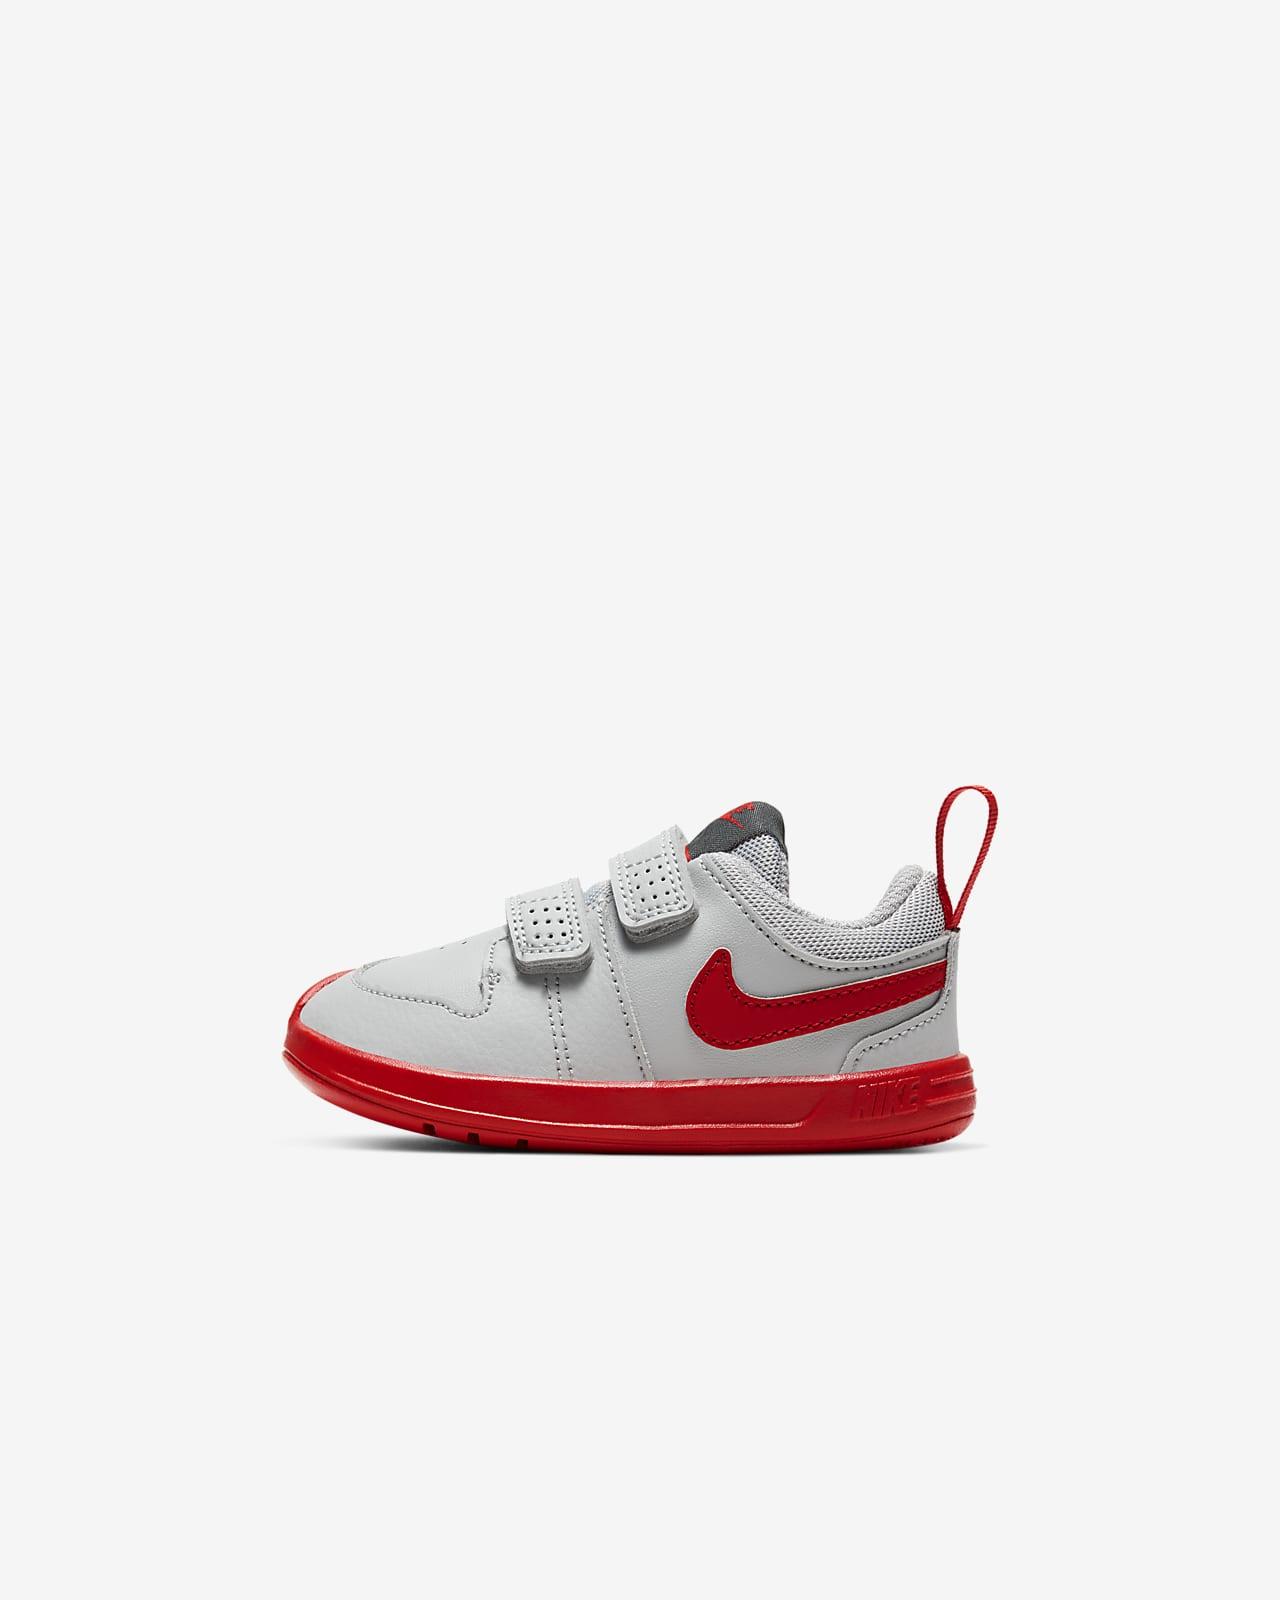 Nike Pico 5 Baby & Toddler Shoe